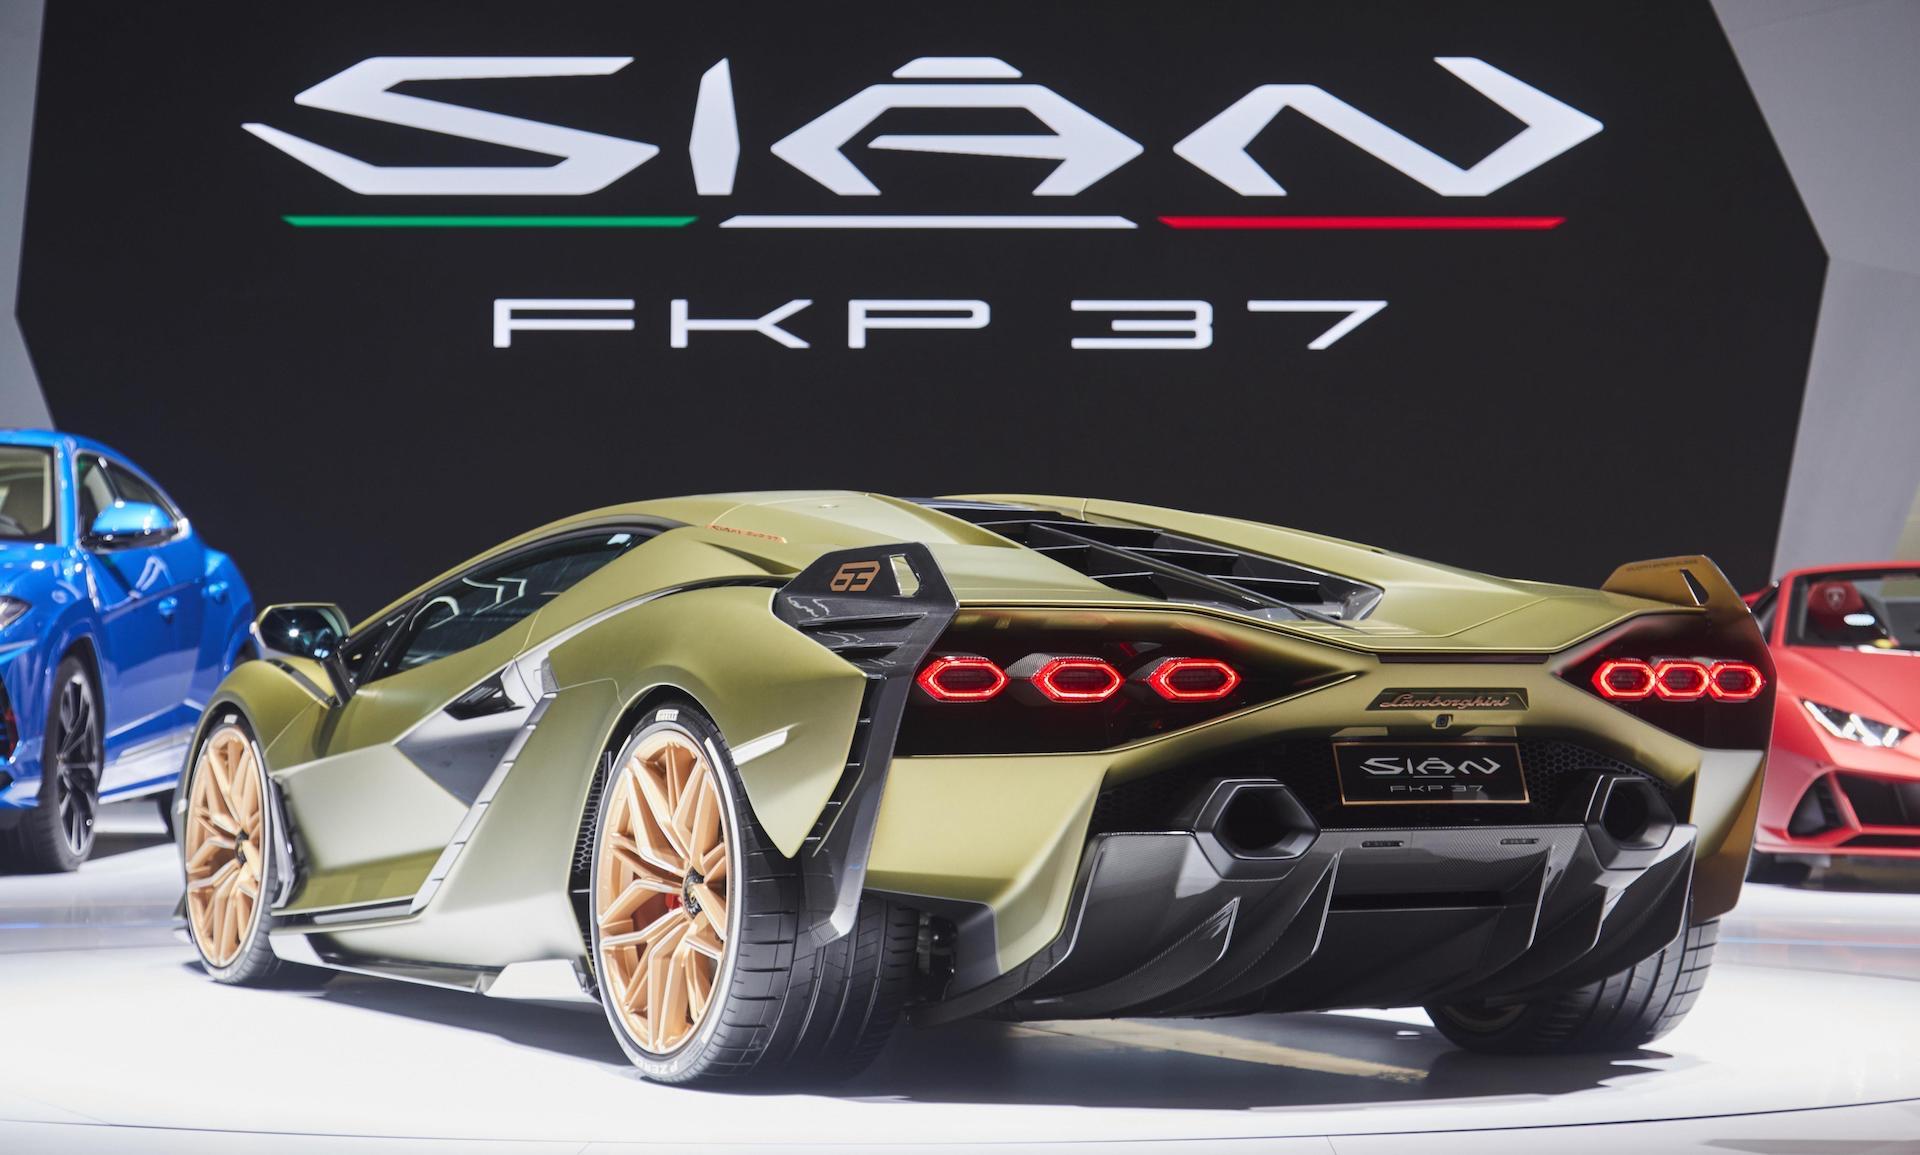 Lamborghini Sian debuts at Frankfurt, adopts FKP 37 name